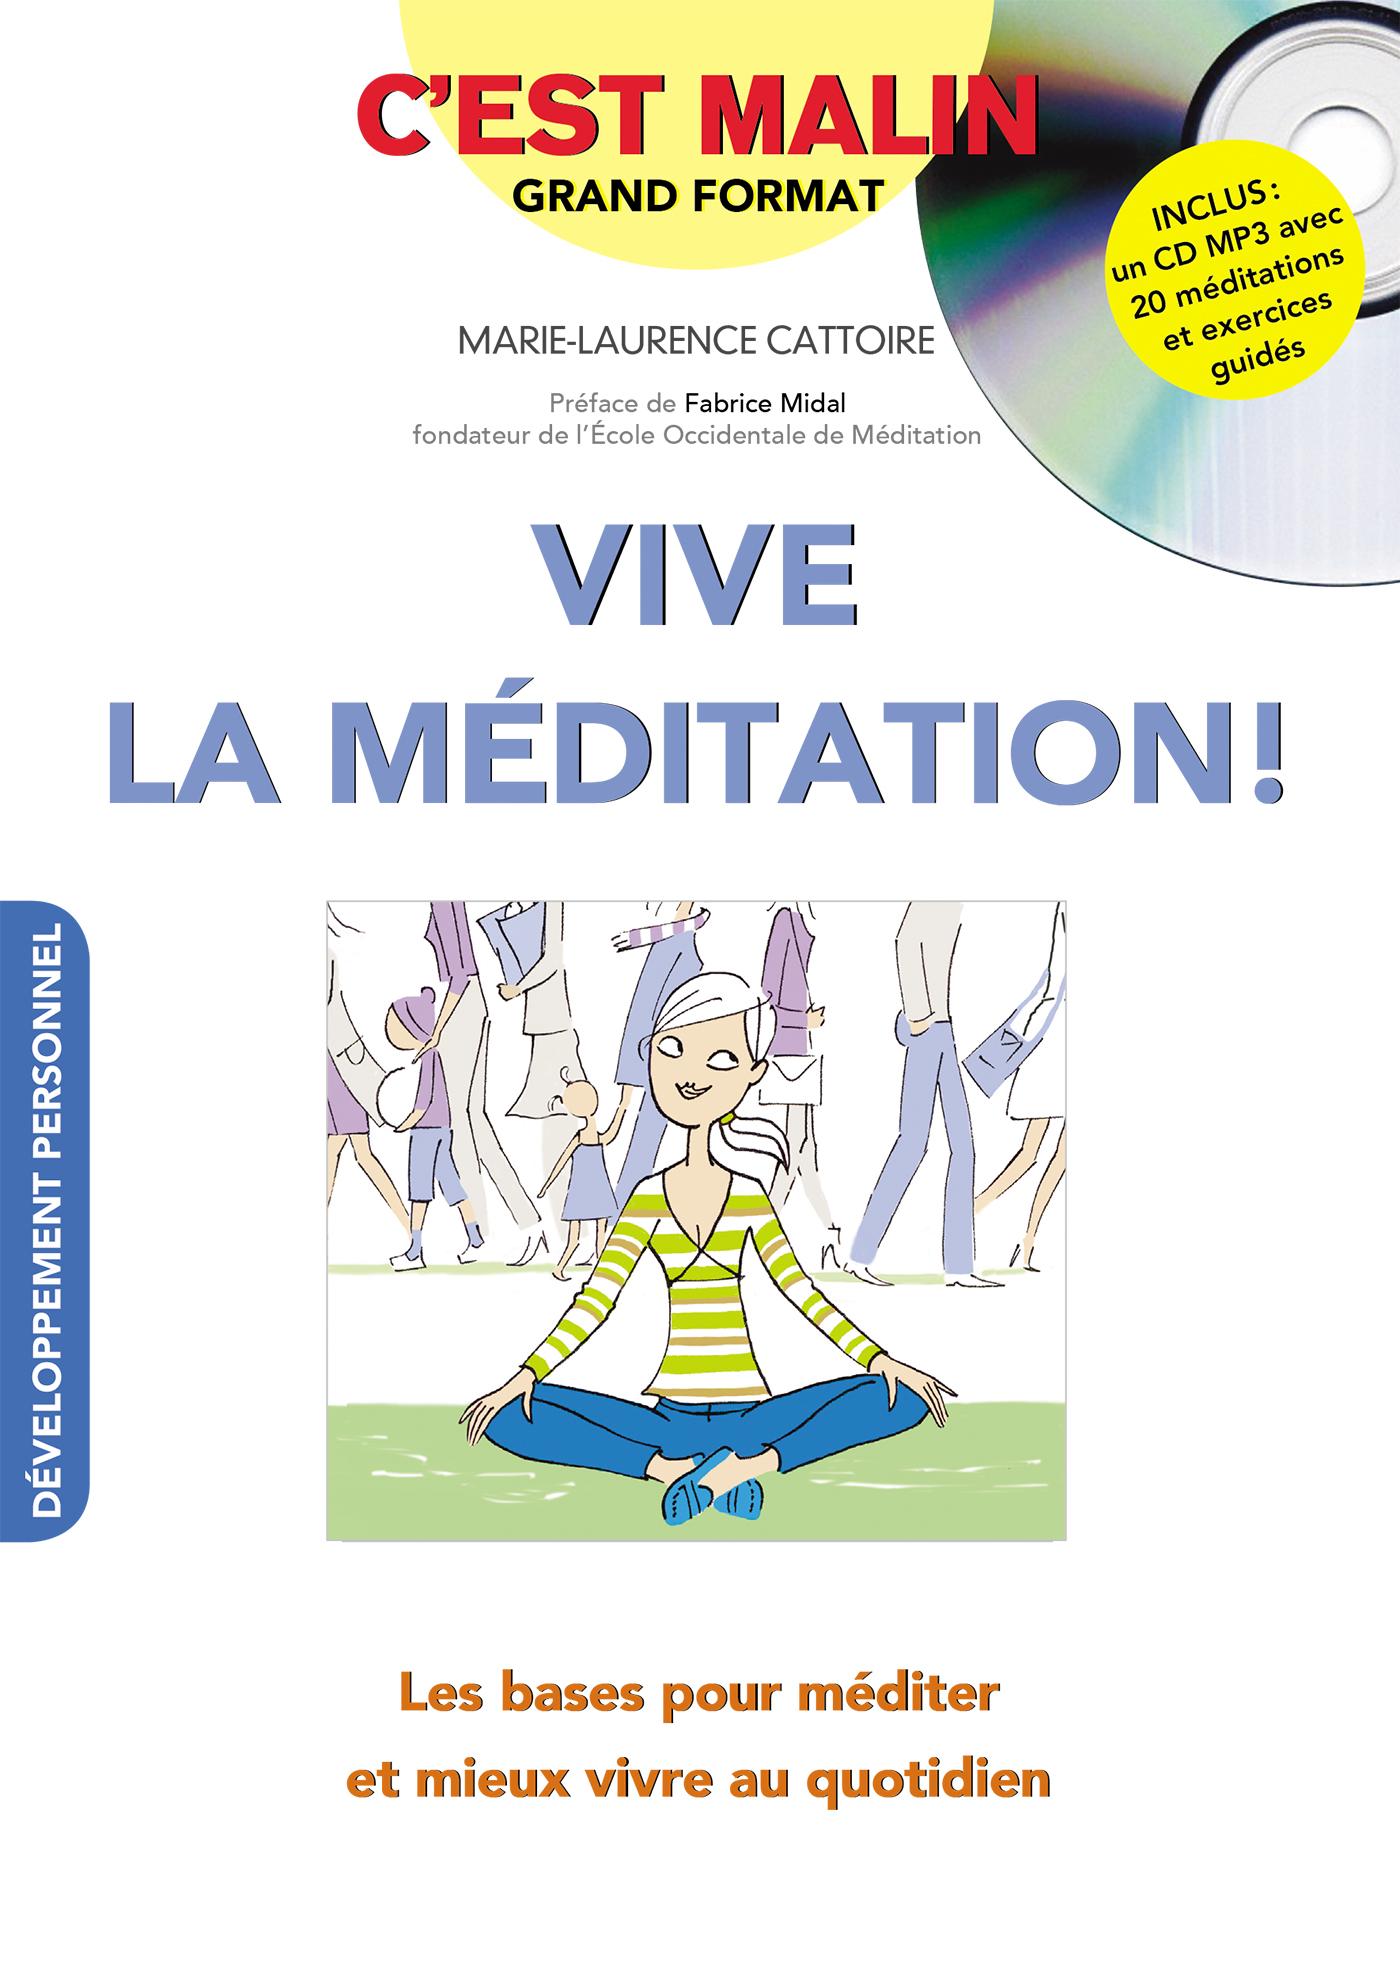 3 exercices de méditation pour retrouver votre pleine attention au